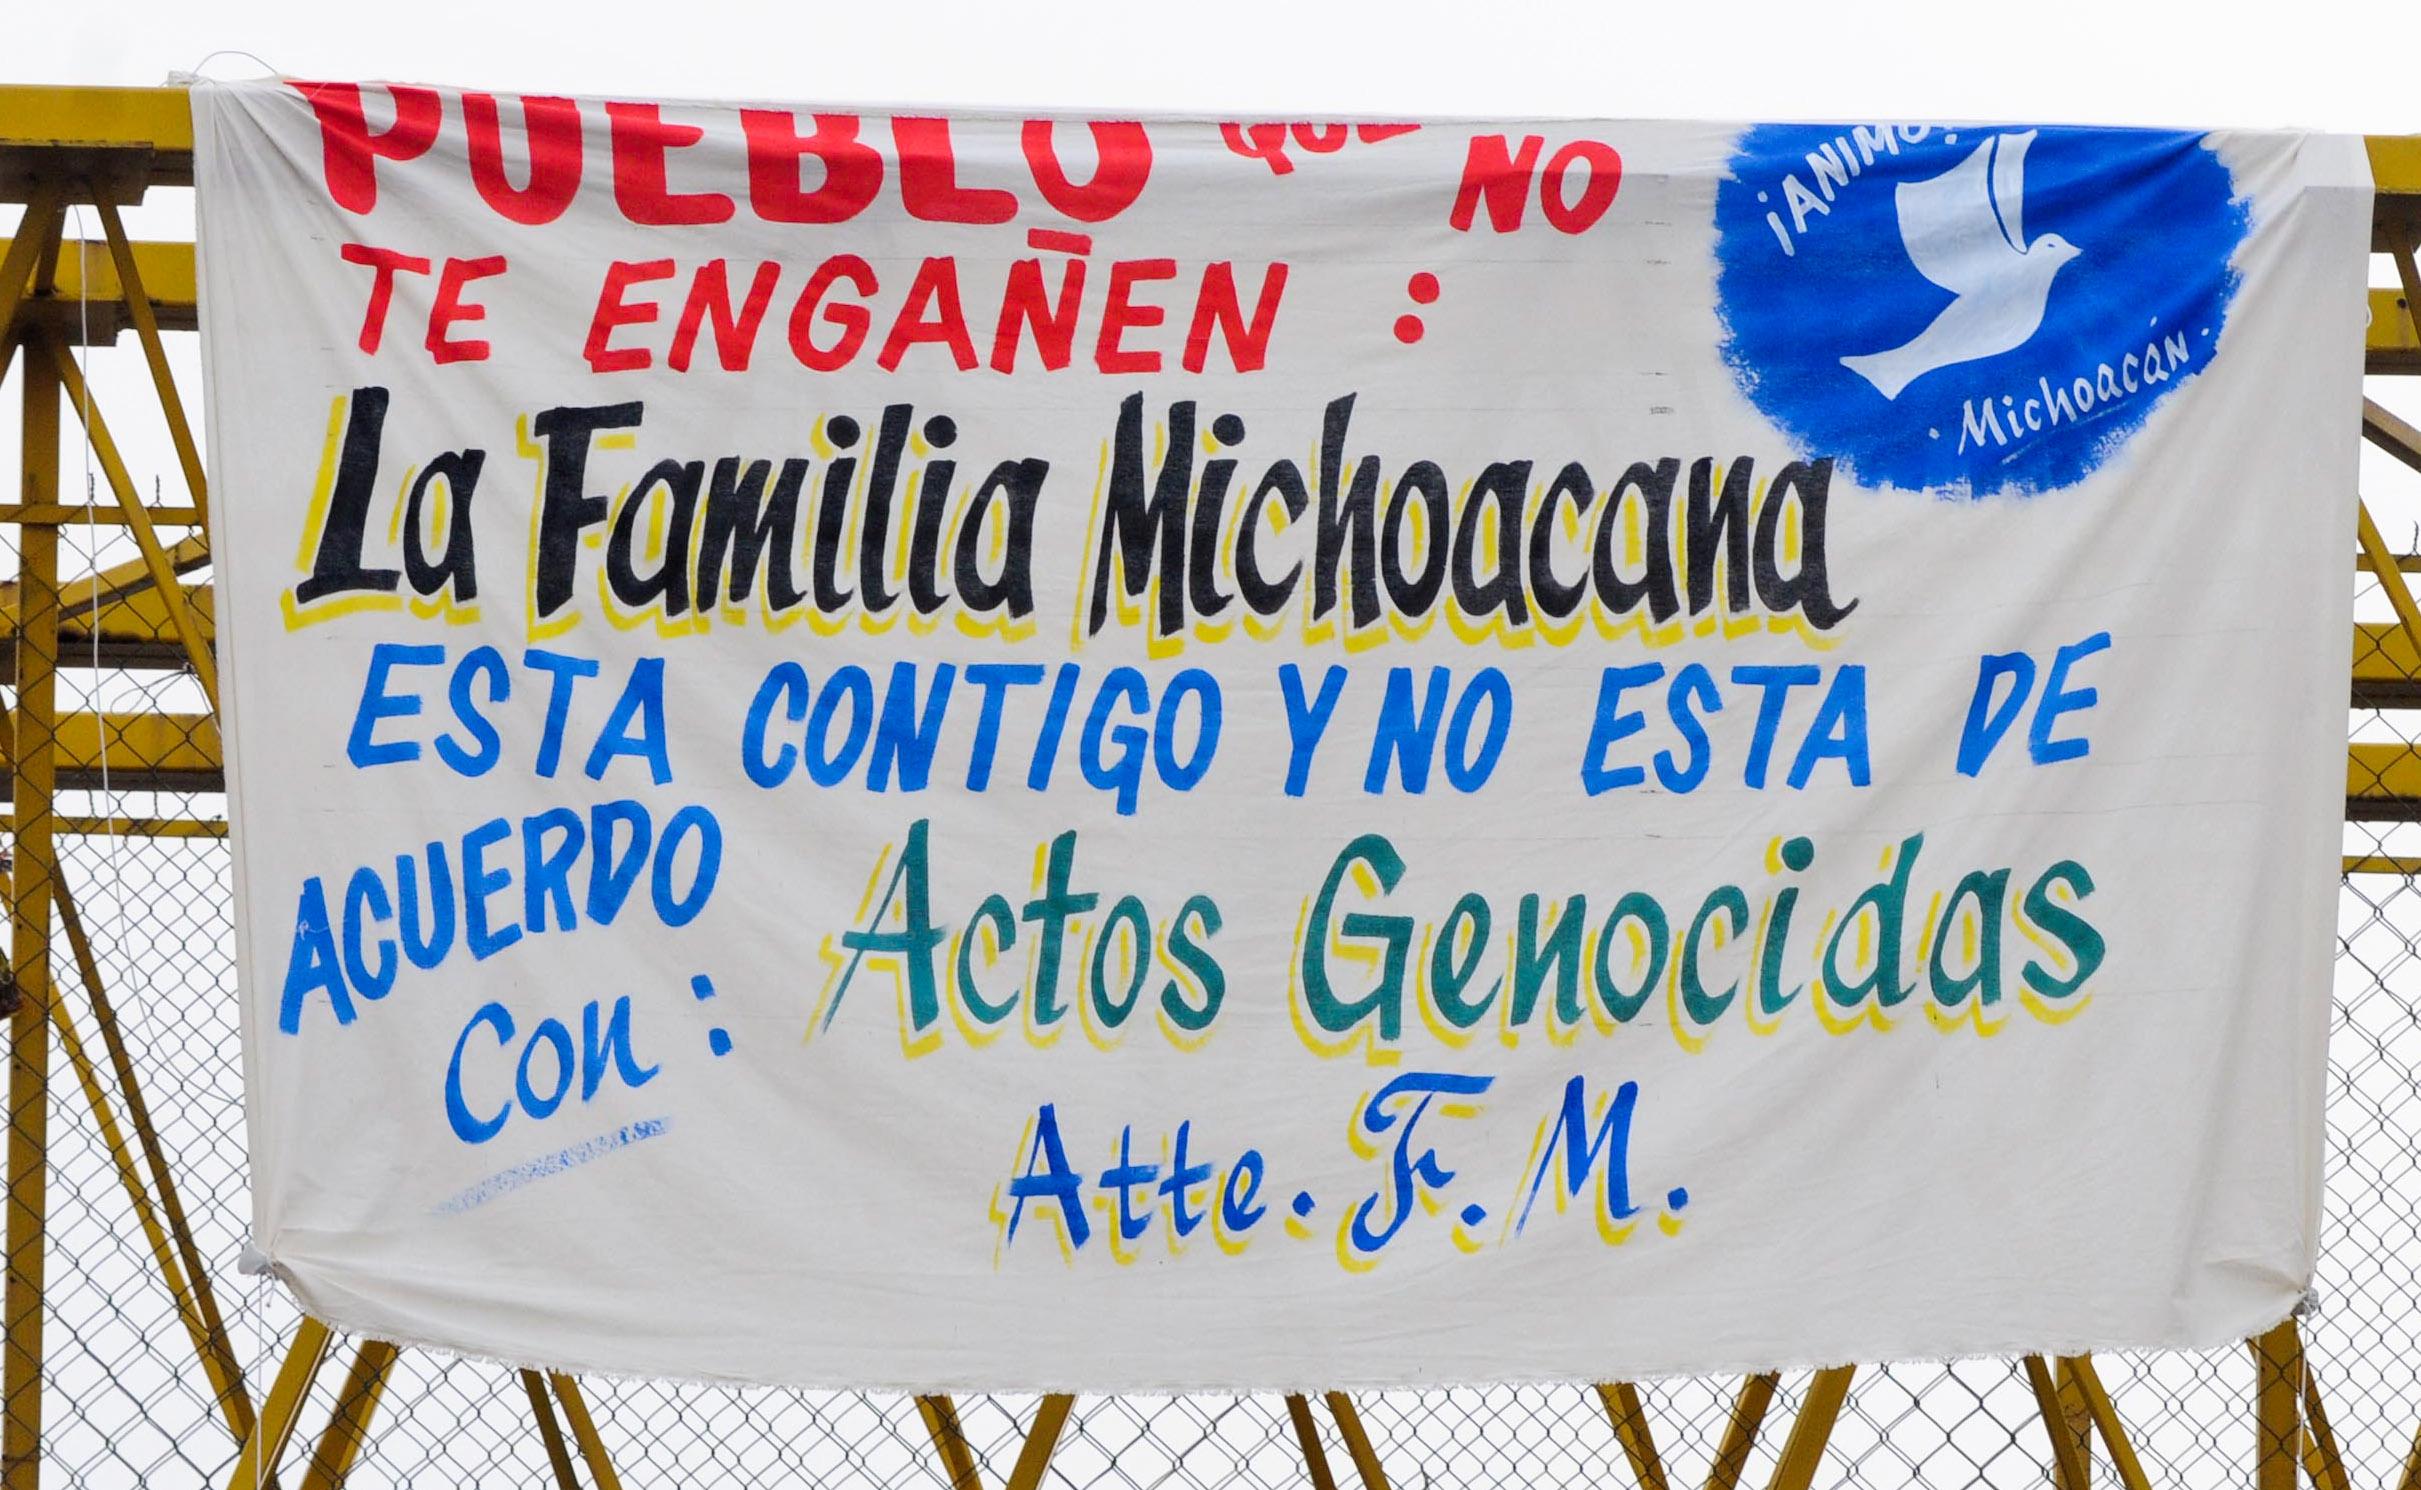 MORELIA, MICHOACAN, 29SEPTIEMBRE2008.- El grupo denominado -La Familia Michoacana- coloc— esta ma–ana mas de 16 mantas en puentes peatonales y vehiculares de la cuidad de Morelia, deslind‡ndose del atentado del pasado 15 de Septiembre. FOTO:CUARTOSCURO.COM